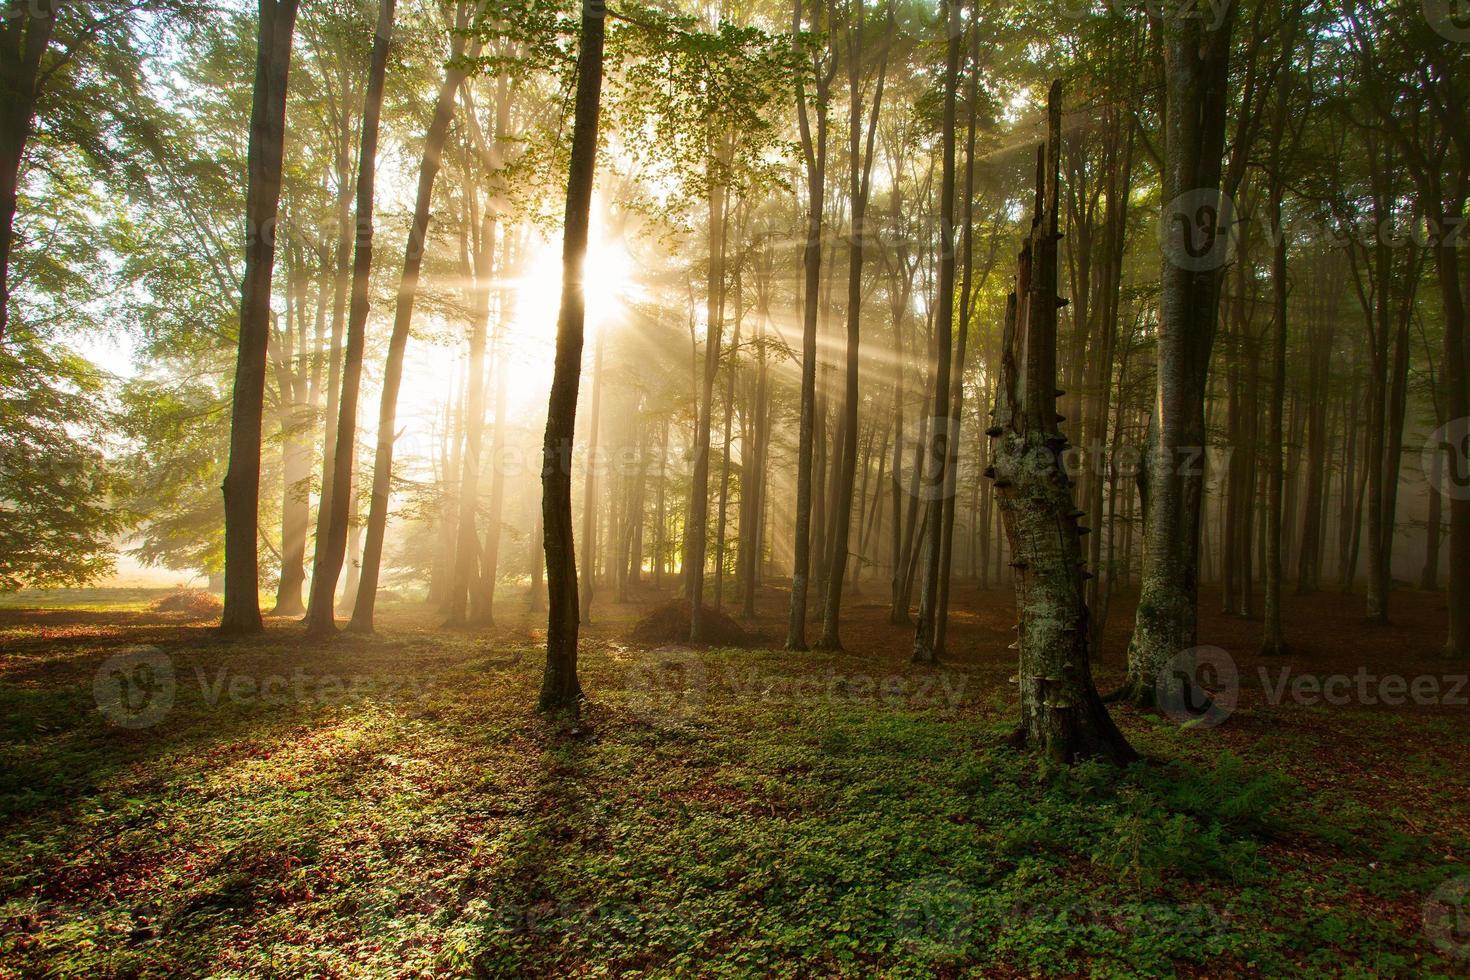 Árboles del bosque otoñal. naturaleza verde madera luz del sol fondos. foto